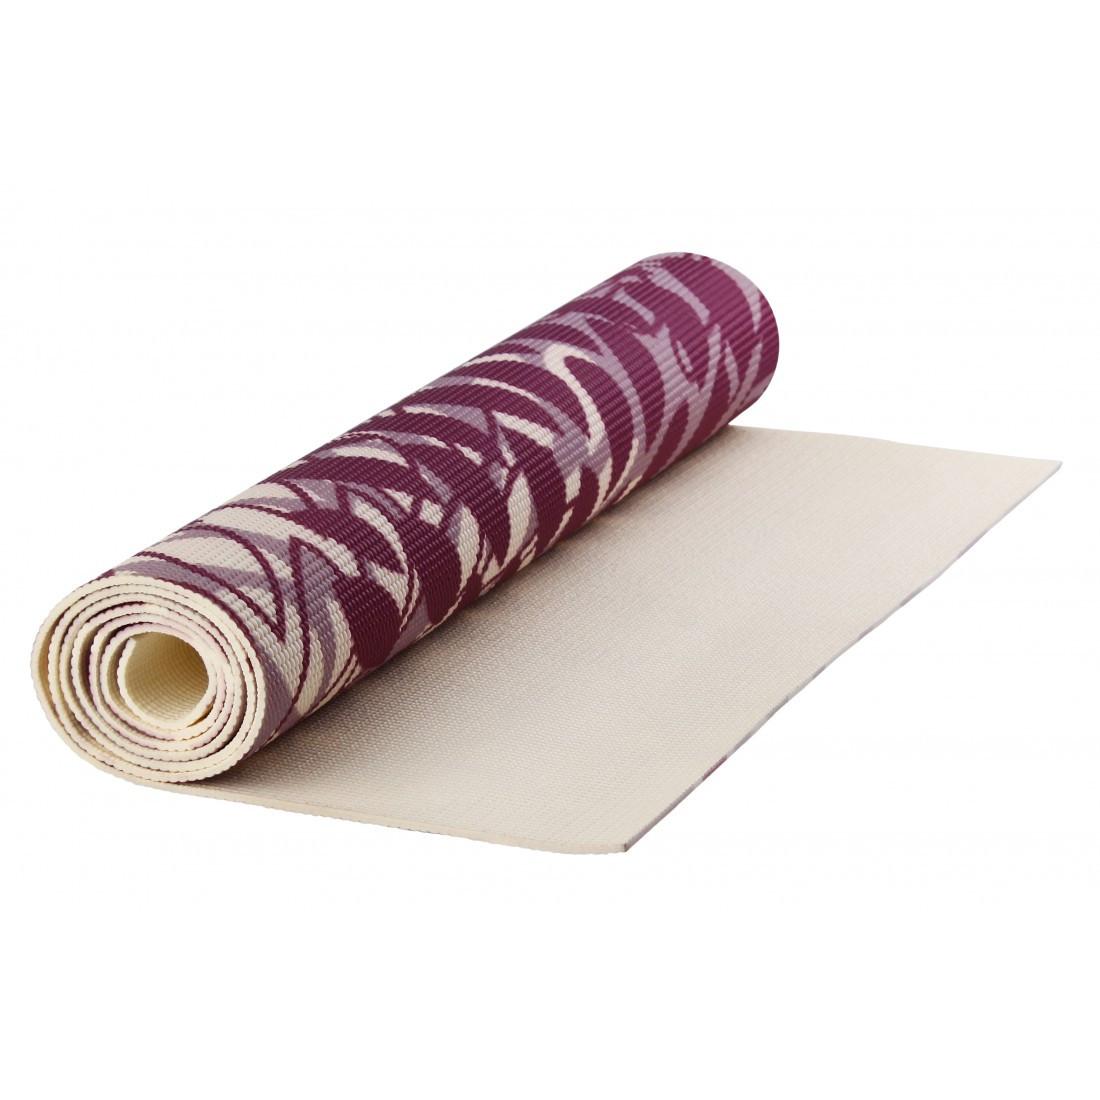 Коврик для йоги PVC Maxed YOGA MAT 1730x610x4 мм розовый